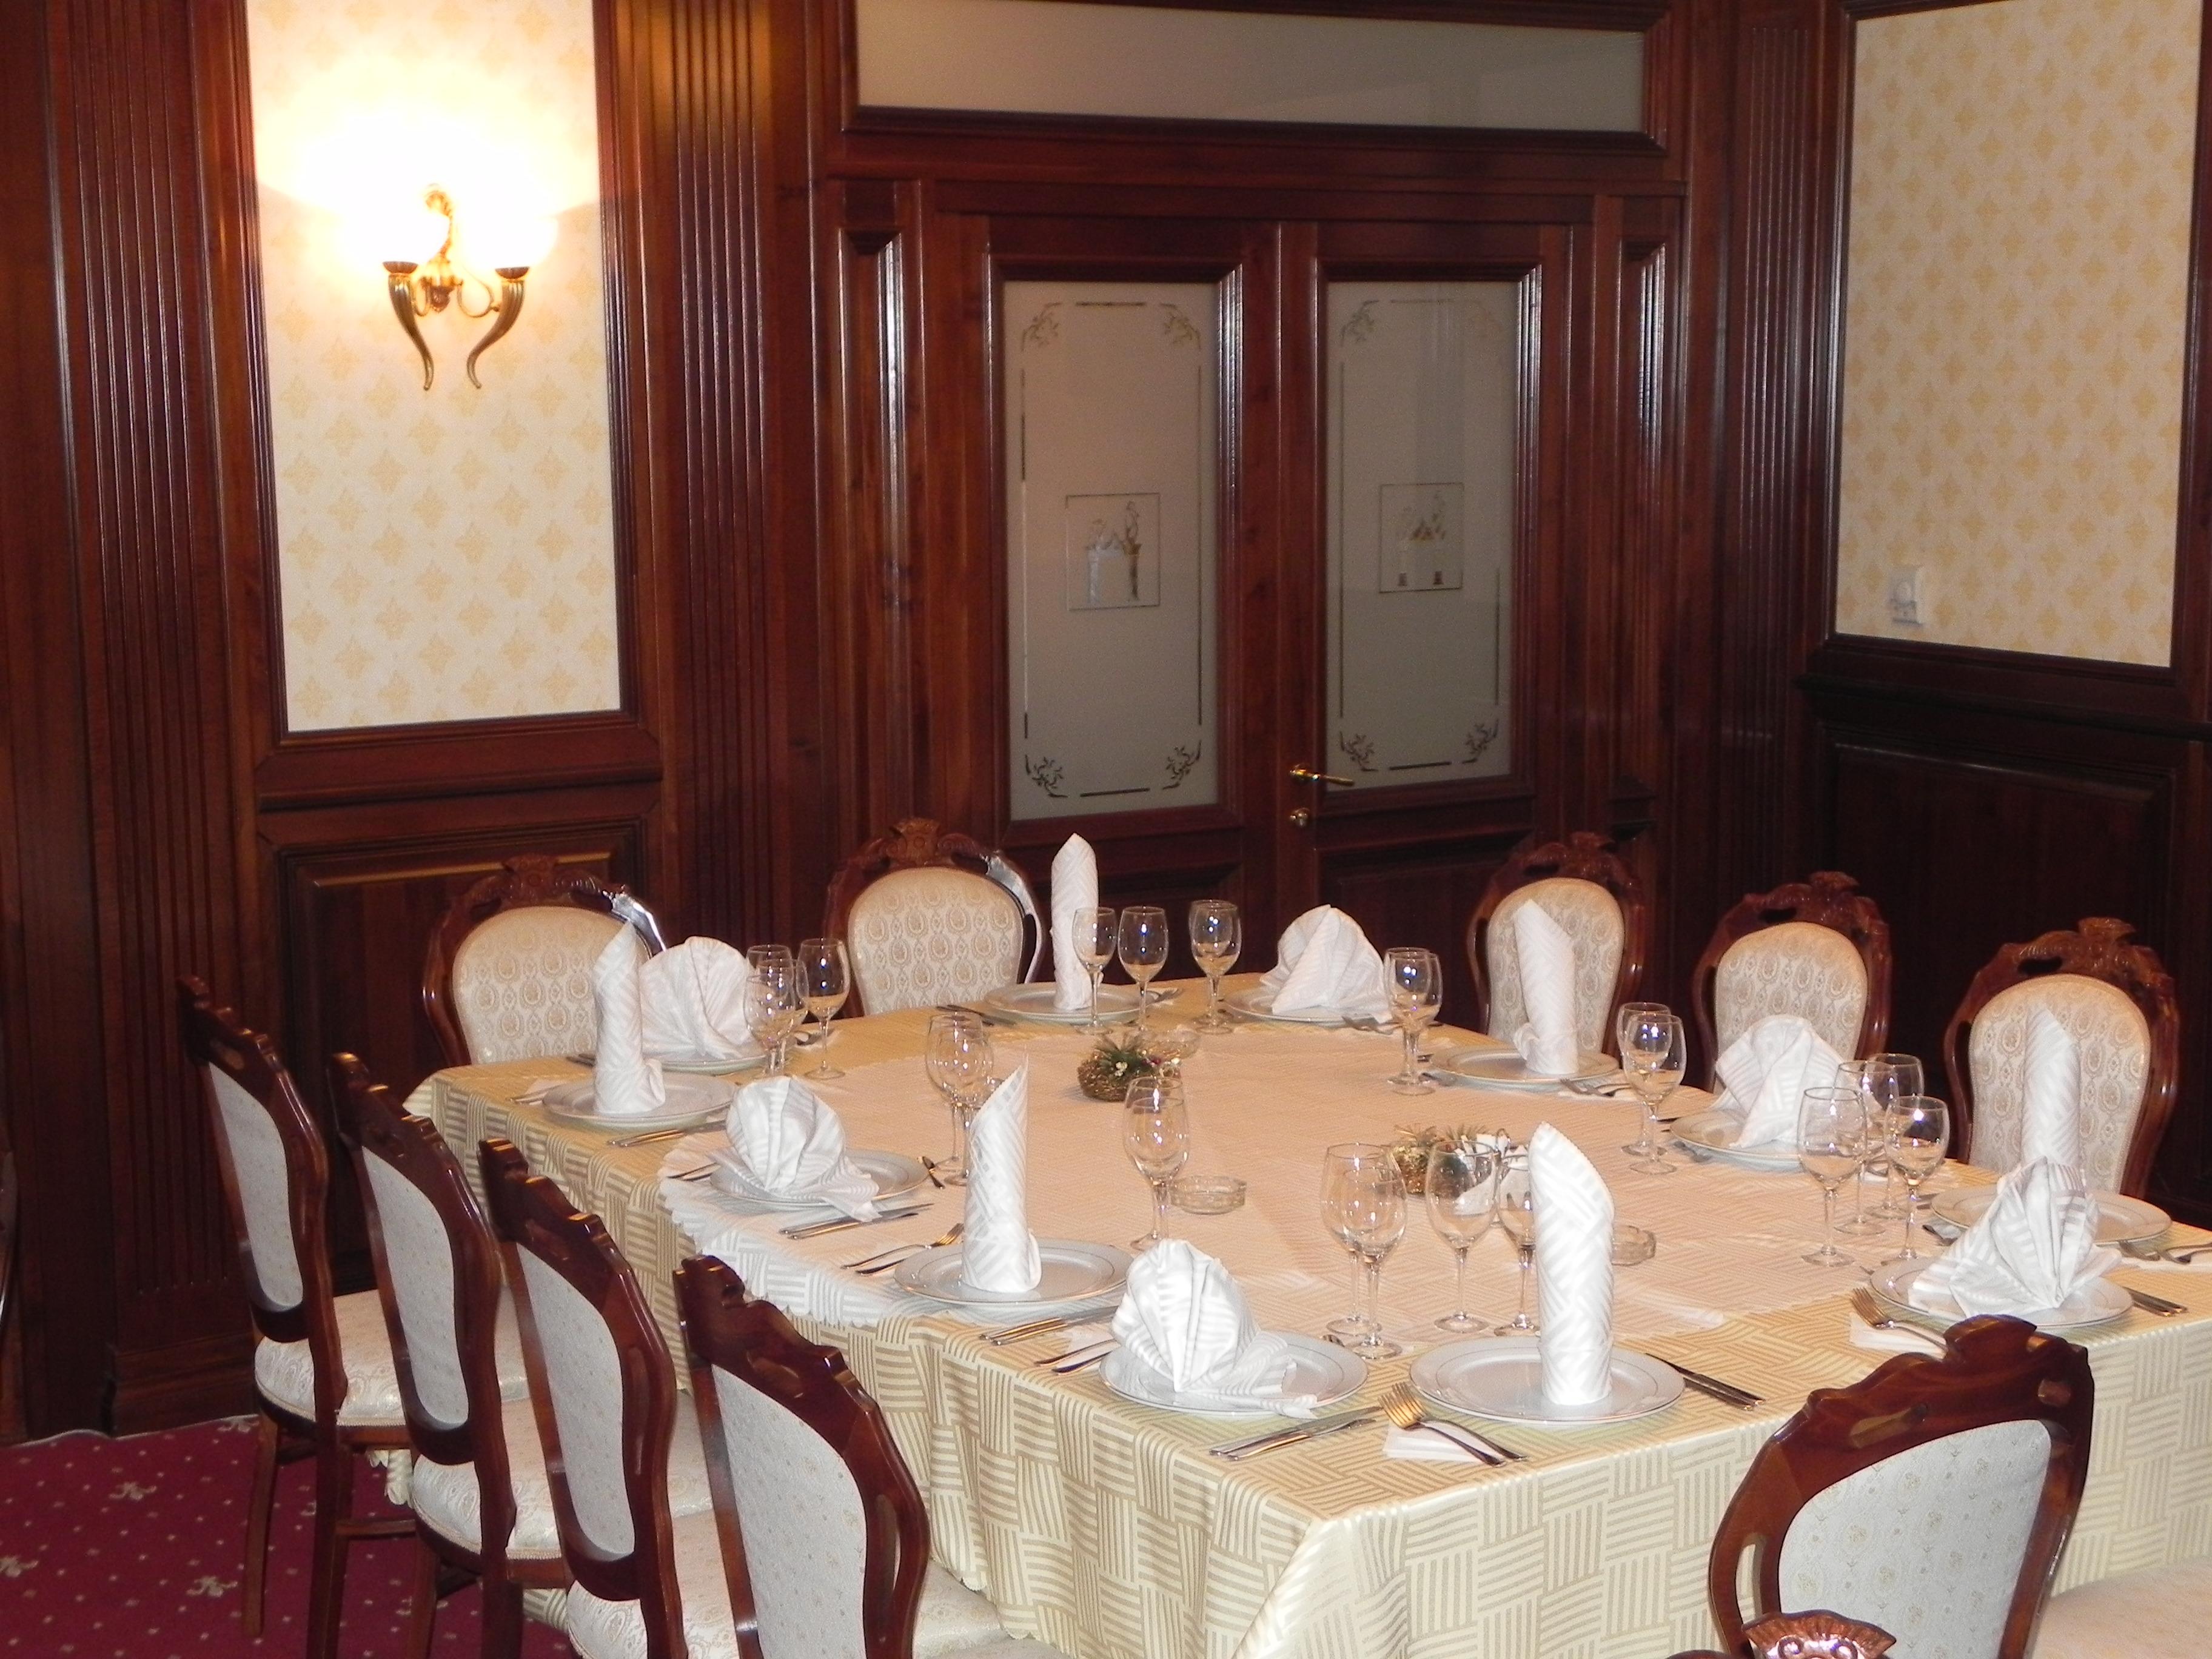 restaurant-Calliope-hotel-hestia-calarasi-01